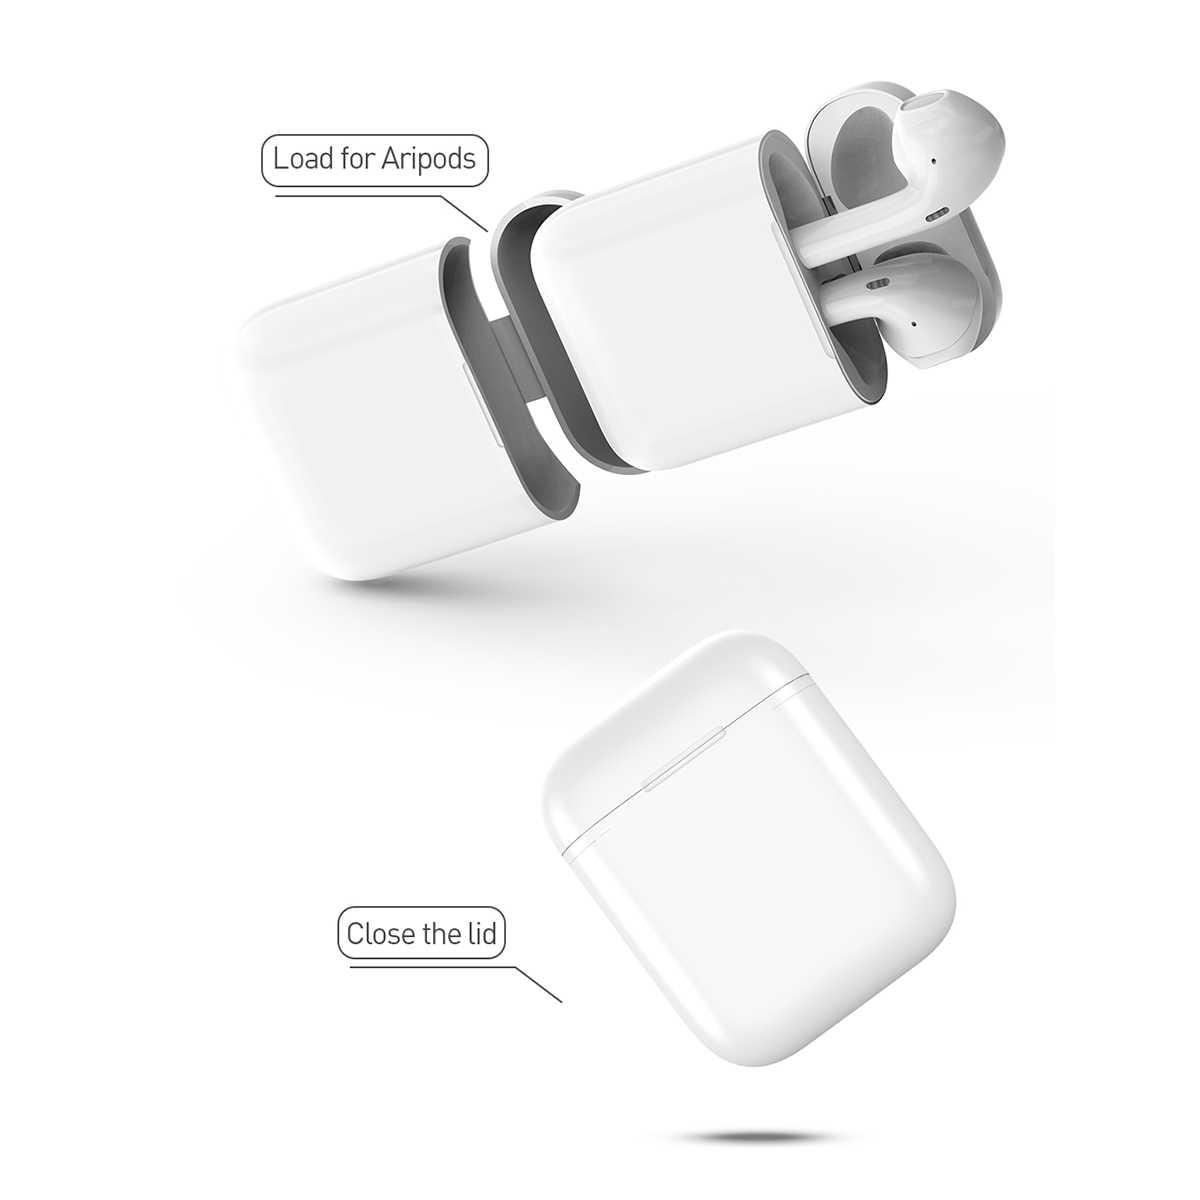 Słuchawka Bluetooth QI bezprzewodowa ładowarka przypadku odbiornik ładowania uchwyt ochronny pudełko do Airpod bezprzewodowe ładowanie QI standardowy